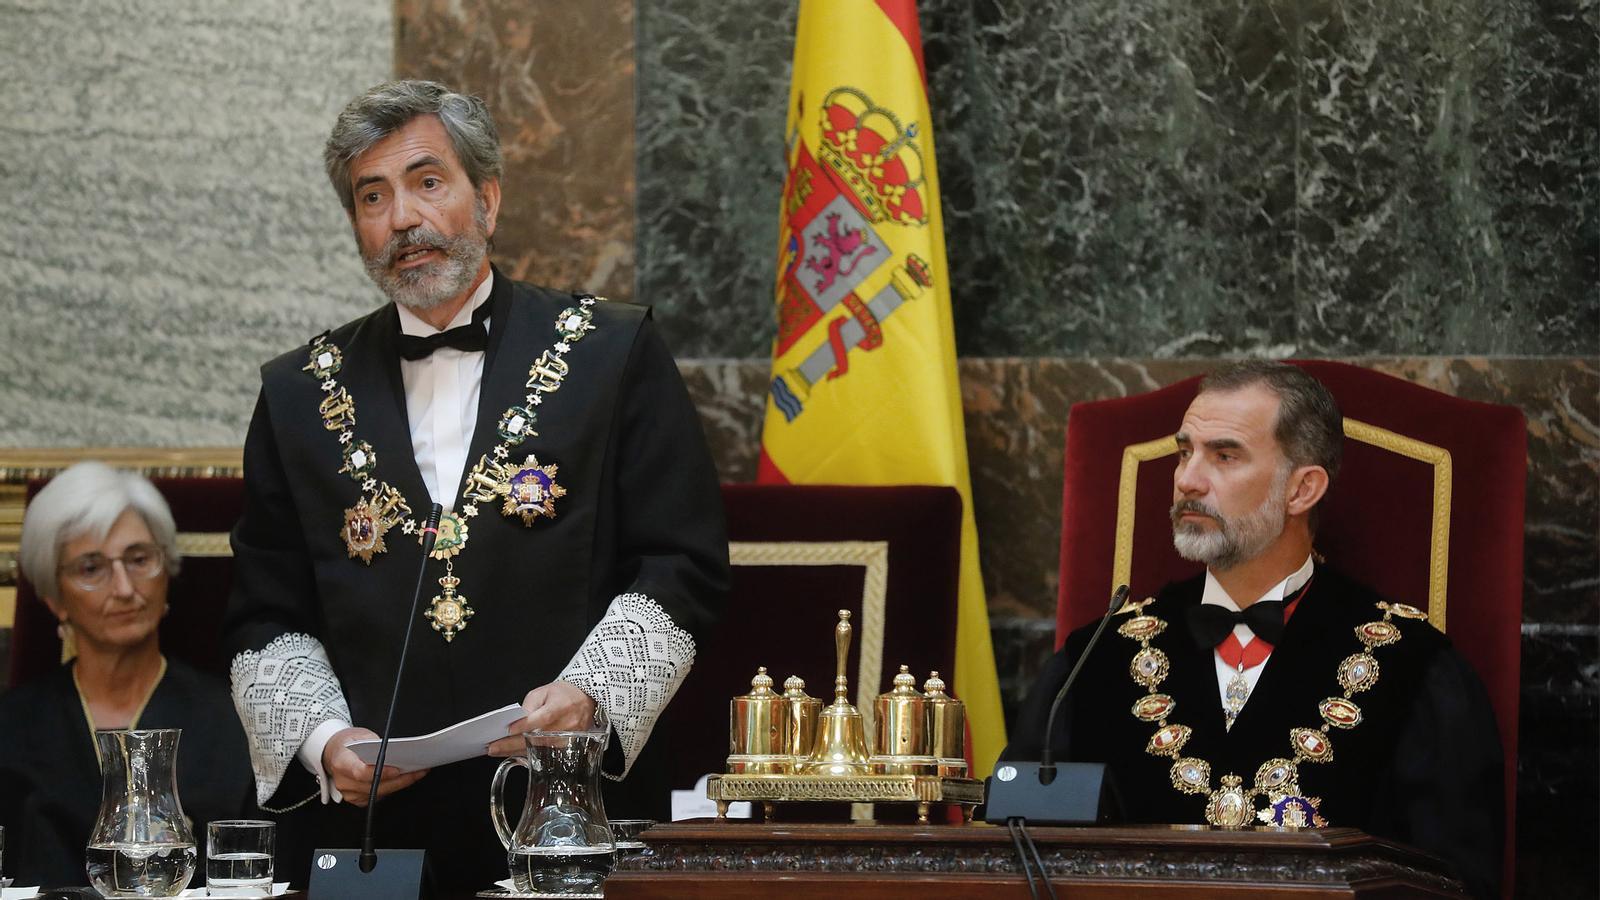 L'anàlisi d'Antoni Bassas: 'El suprem redacta l'escarment judicial'